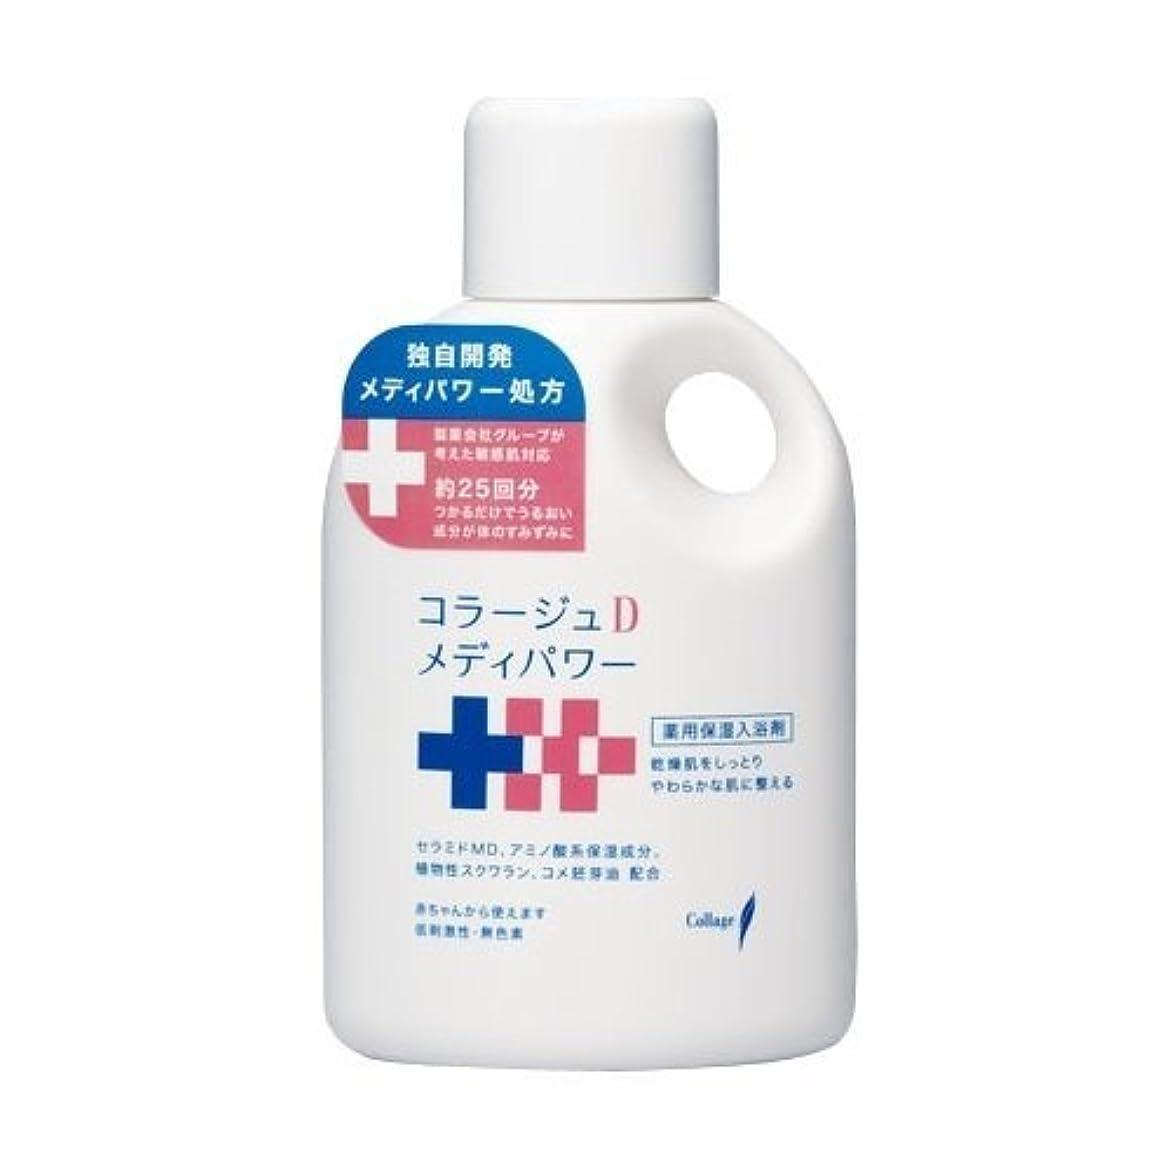 艦隊良さアダルトコラージュ Dメディパワー 保湿入浴剤 500mL (医薬部外品)